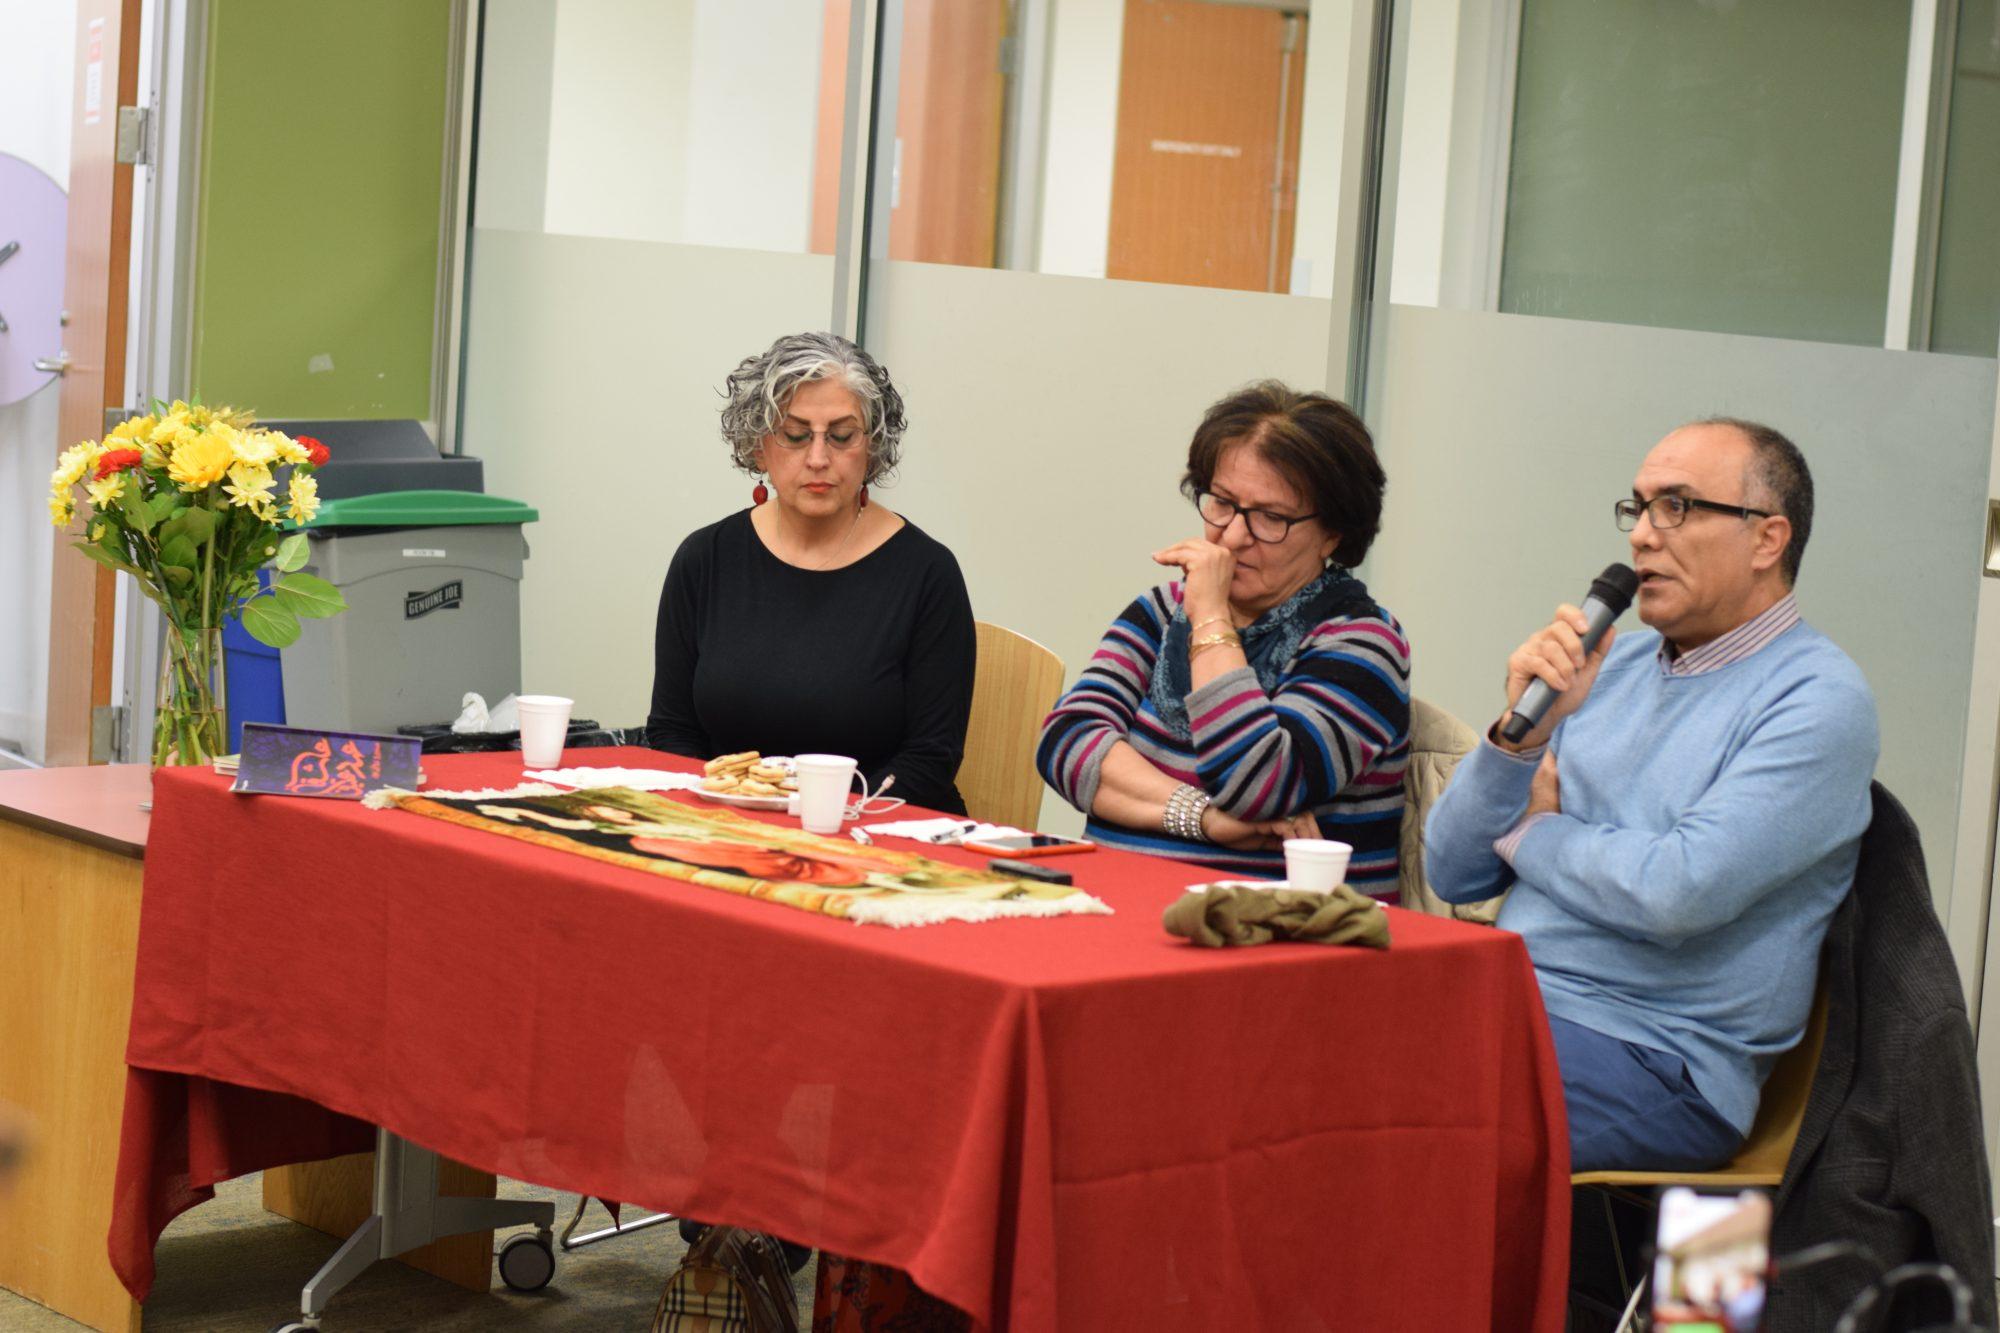 گزارشی کوتاه از برنامه نشست با منیرو روانیپور در ونکوور